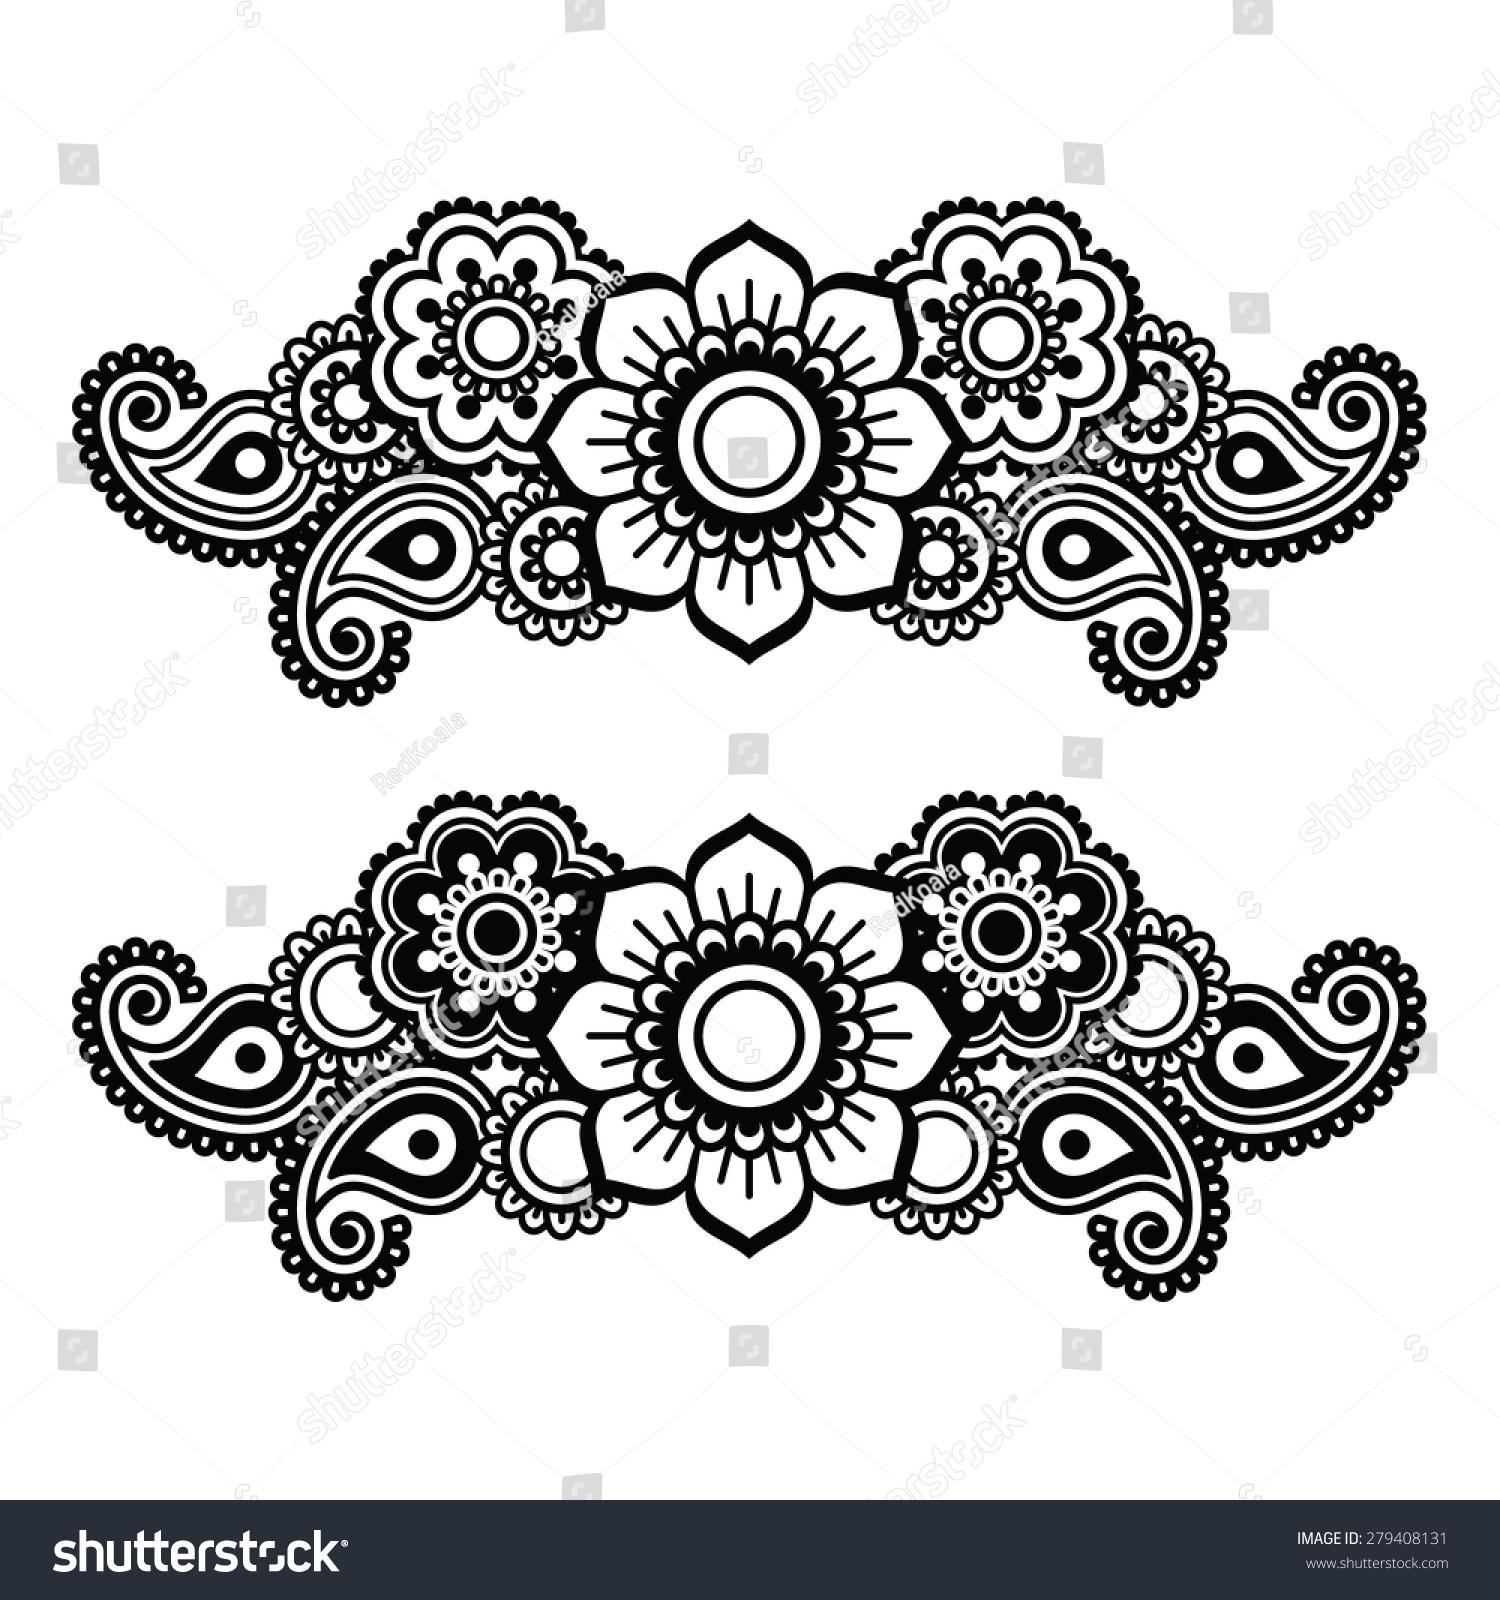 Henna Tattoo Vector: Mehndi, Indian Henna Tattoo Pattern Or Background Stock